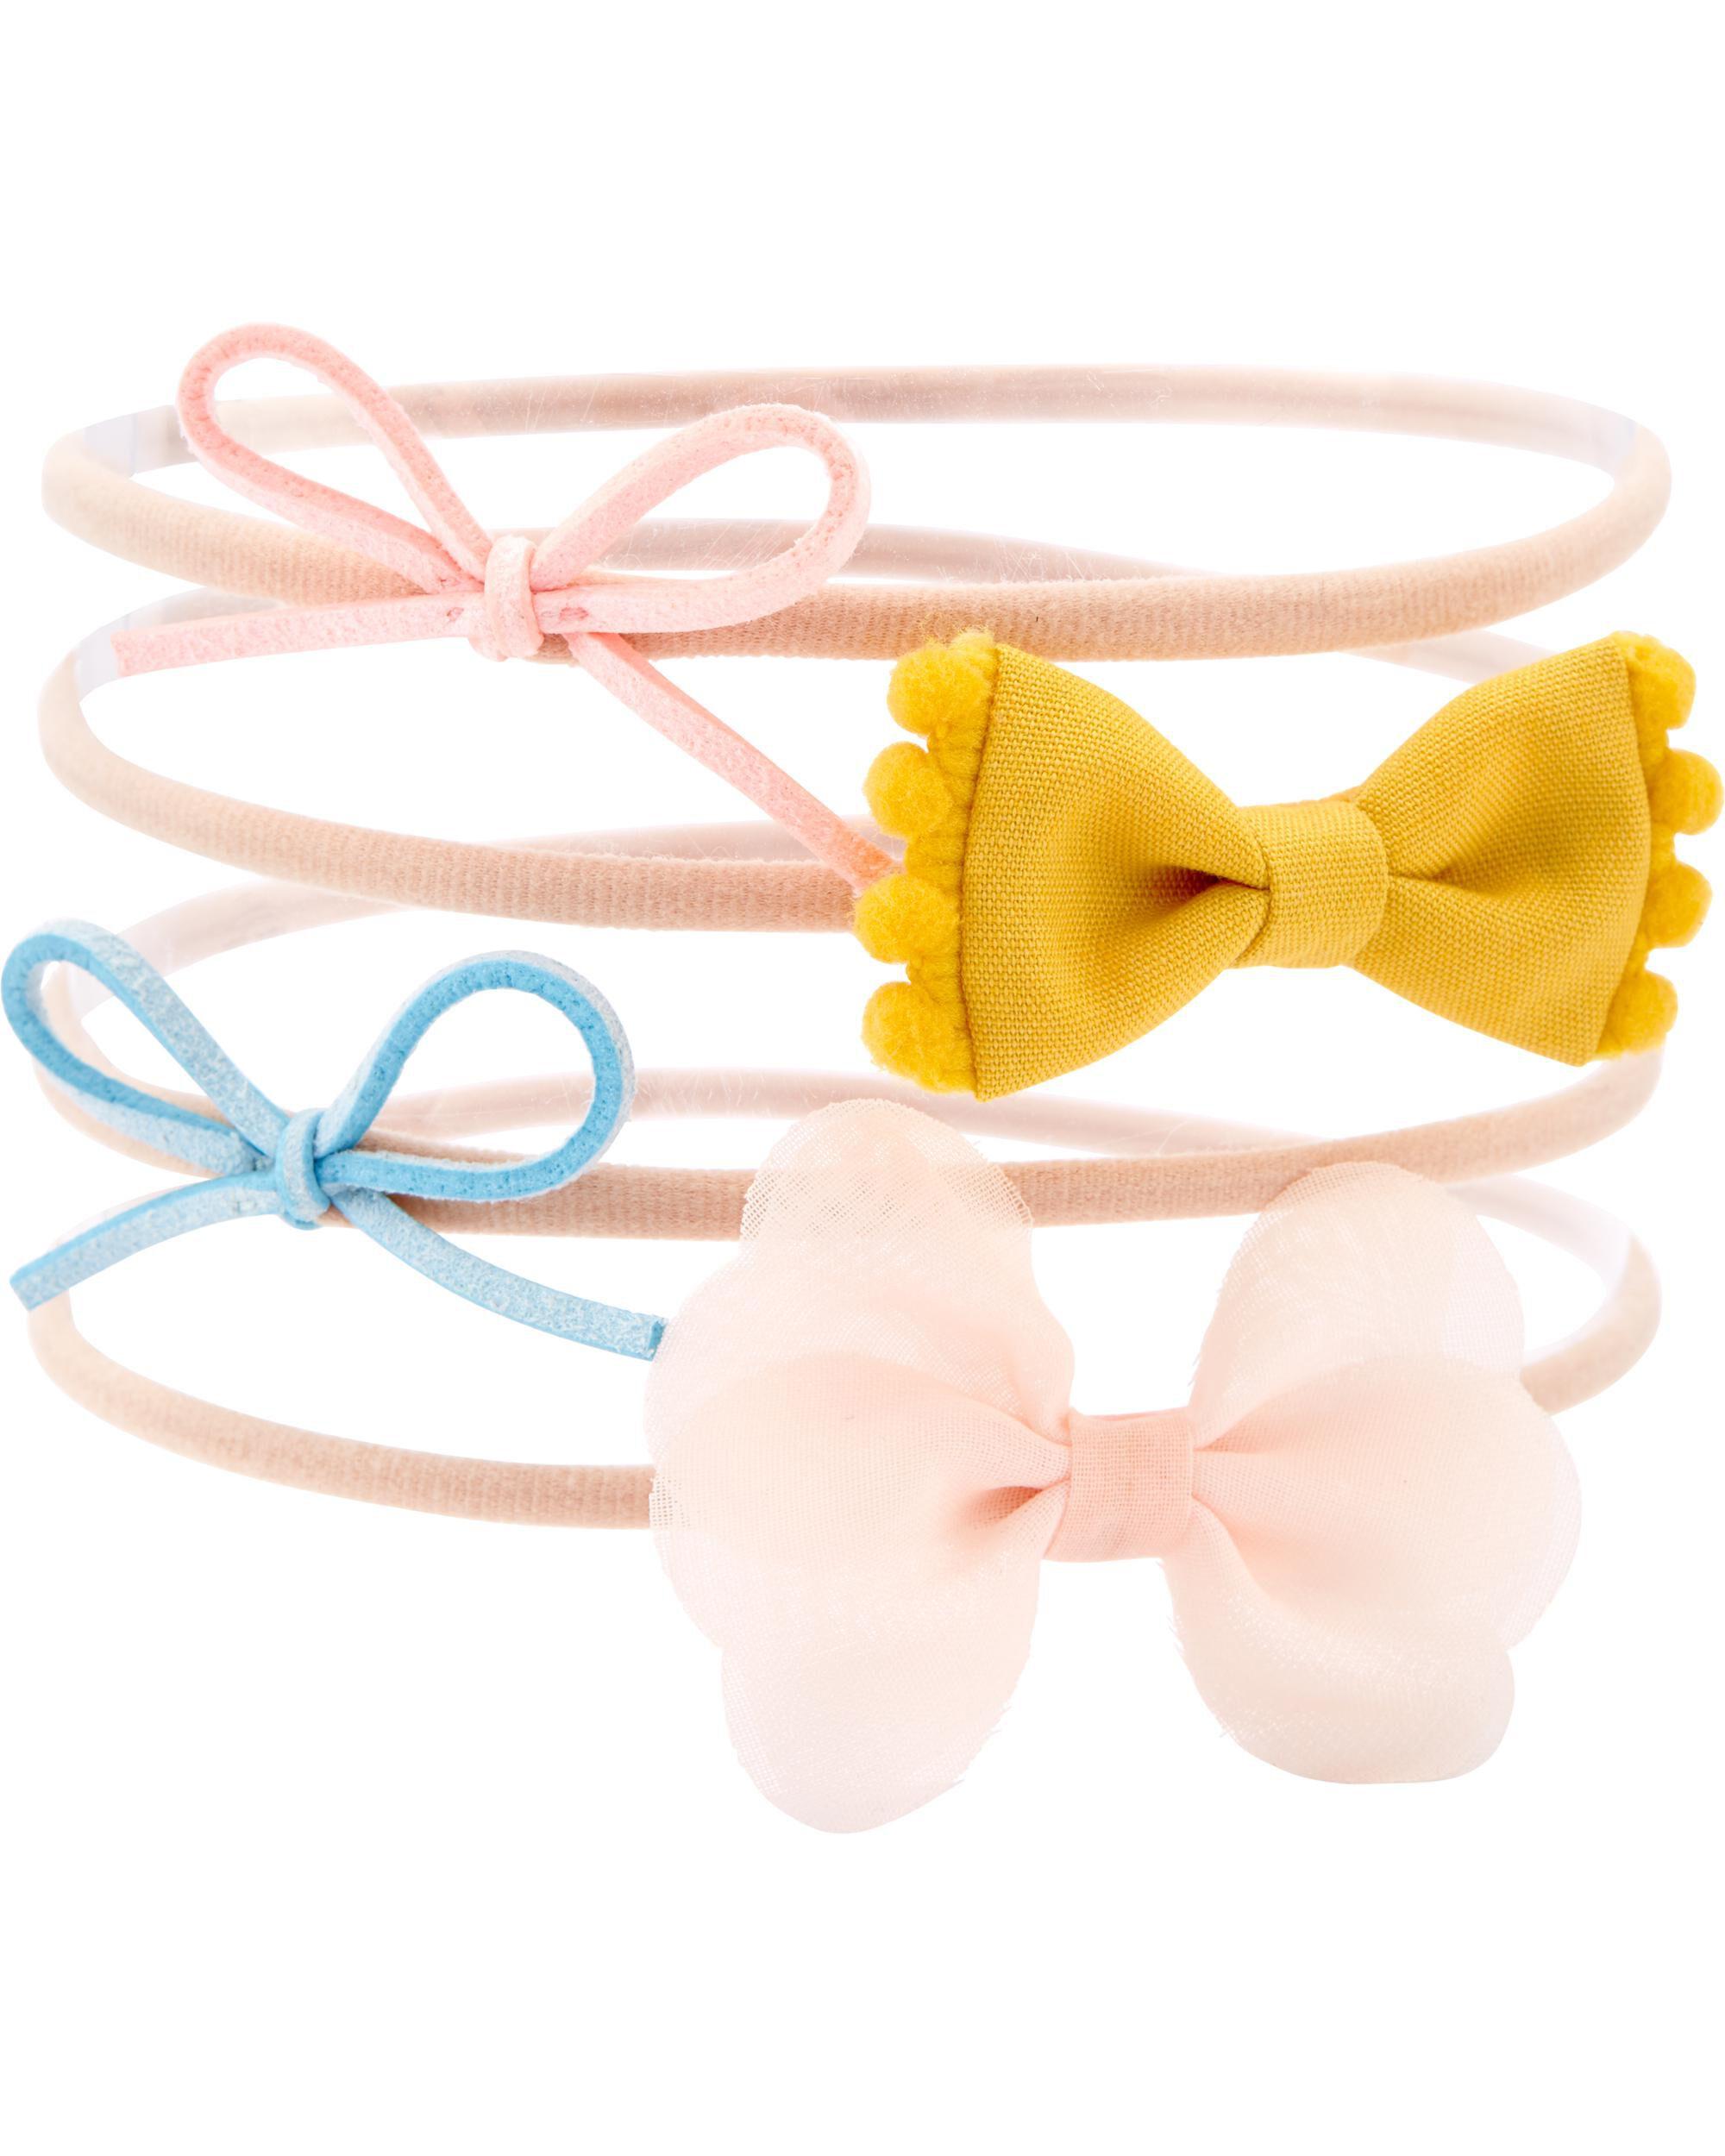 Oshkoshbgosh 4-Pack Bow Headwrap